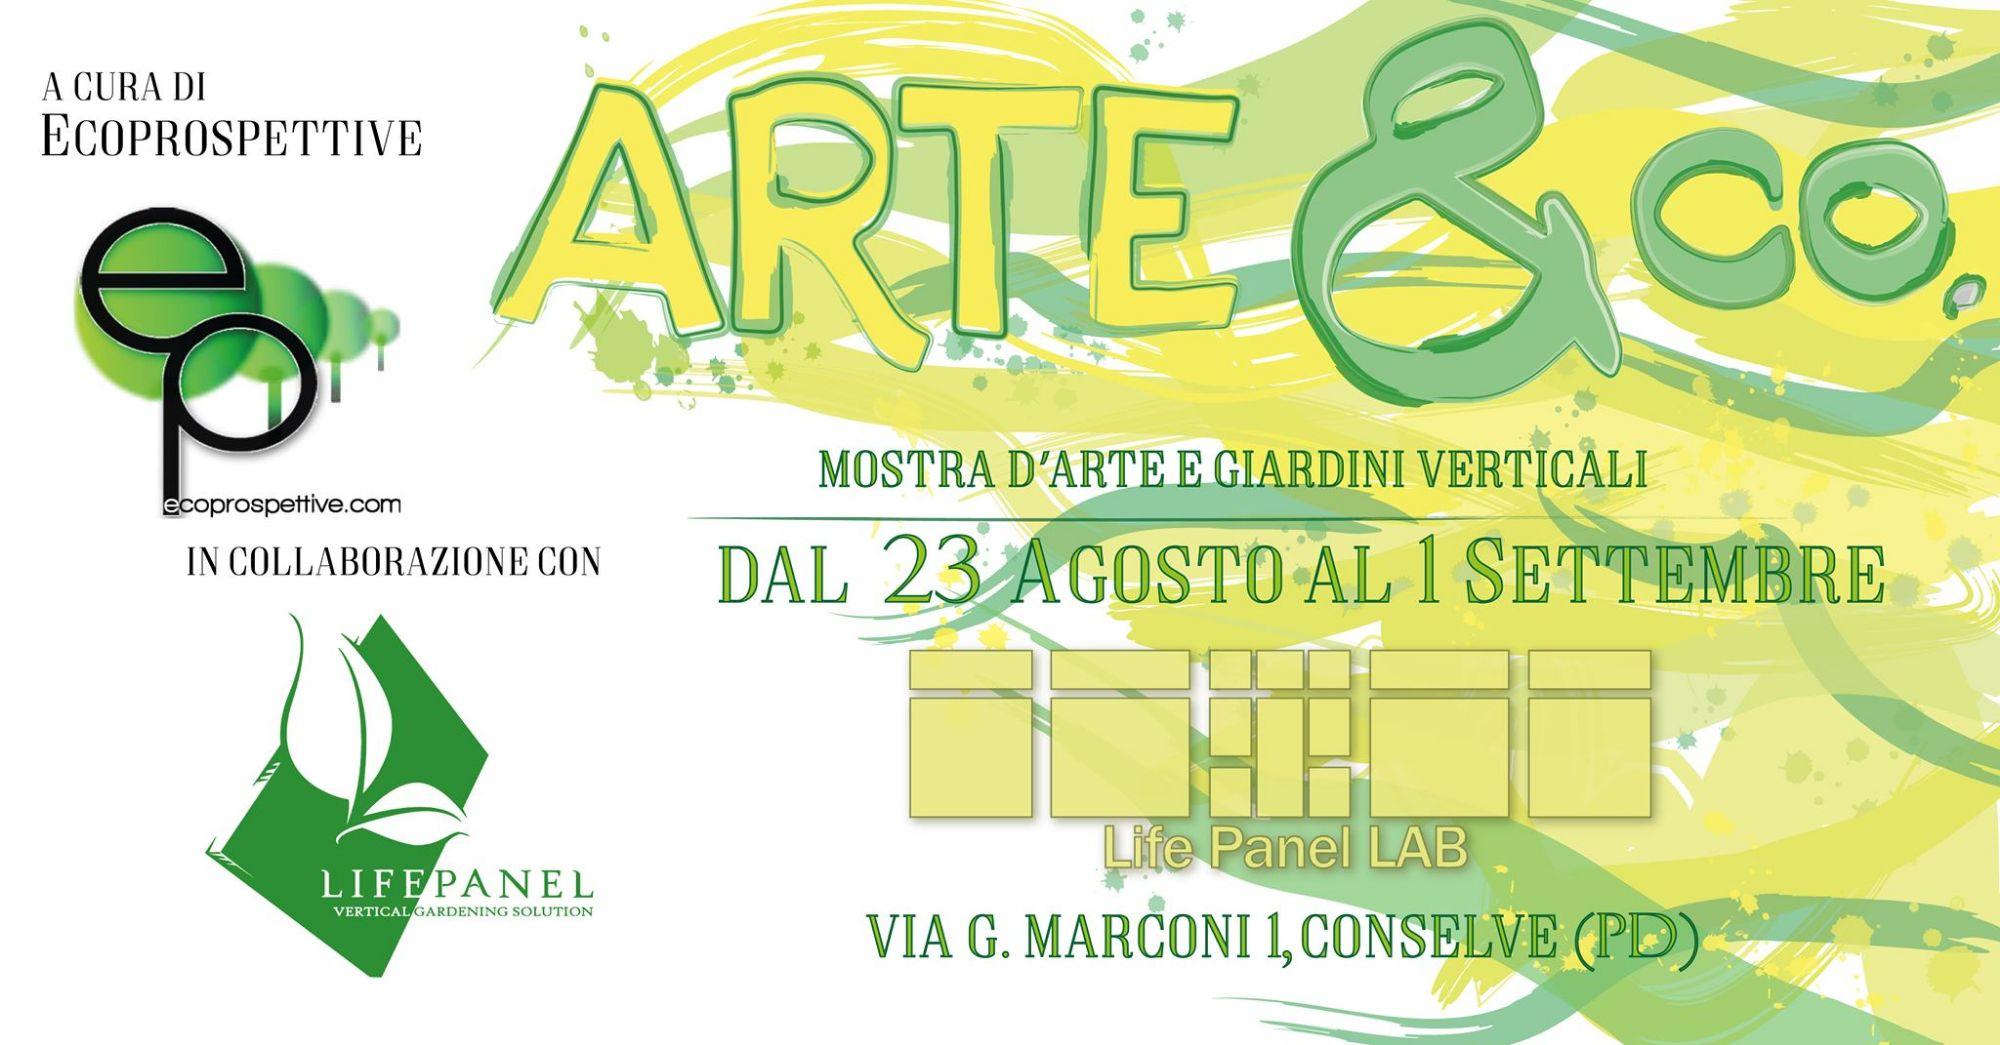 ARTE & co. - Mostra d'Arte e Giardini Verticali